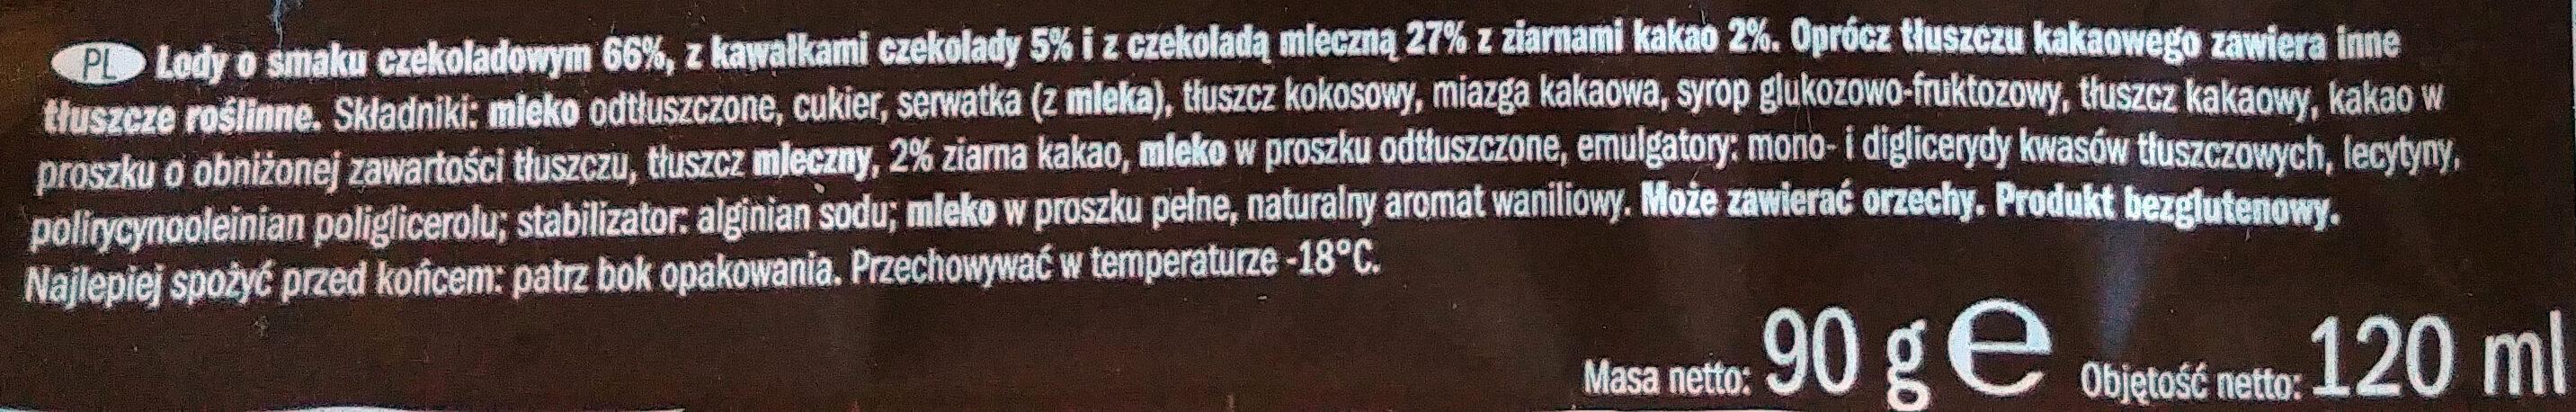 Lody o smaku czekoladowym 66%, z kawałkami czekolady 5% i z czekoladą mleczną 27% z ziarnami kakao 2%. - Ingrediënten - pl